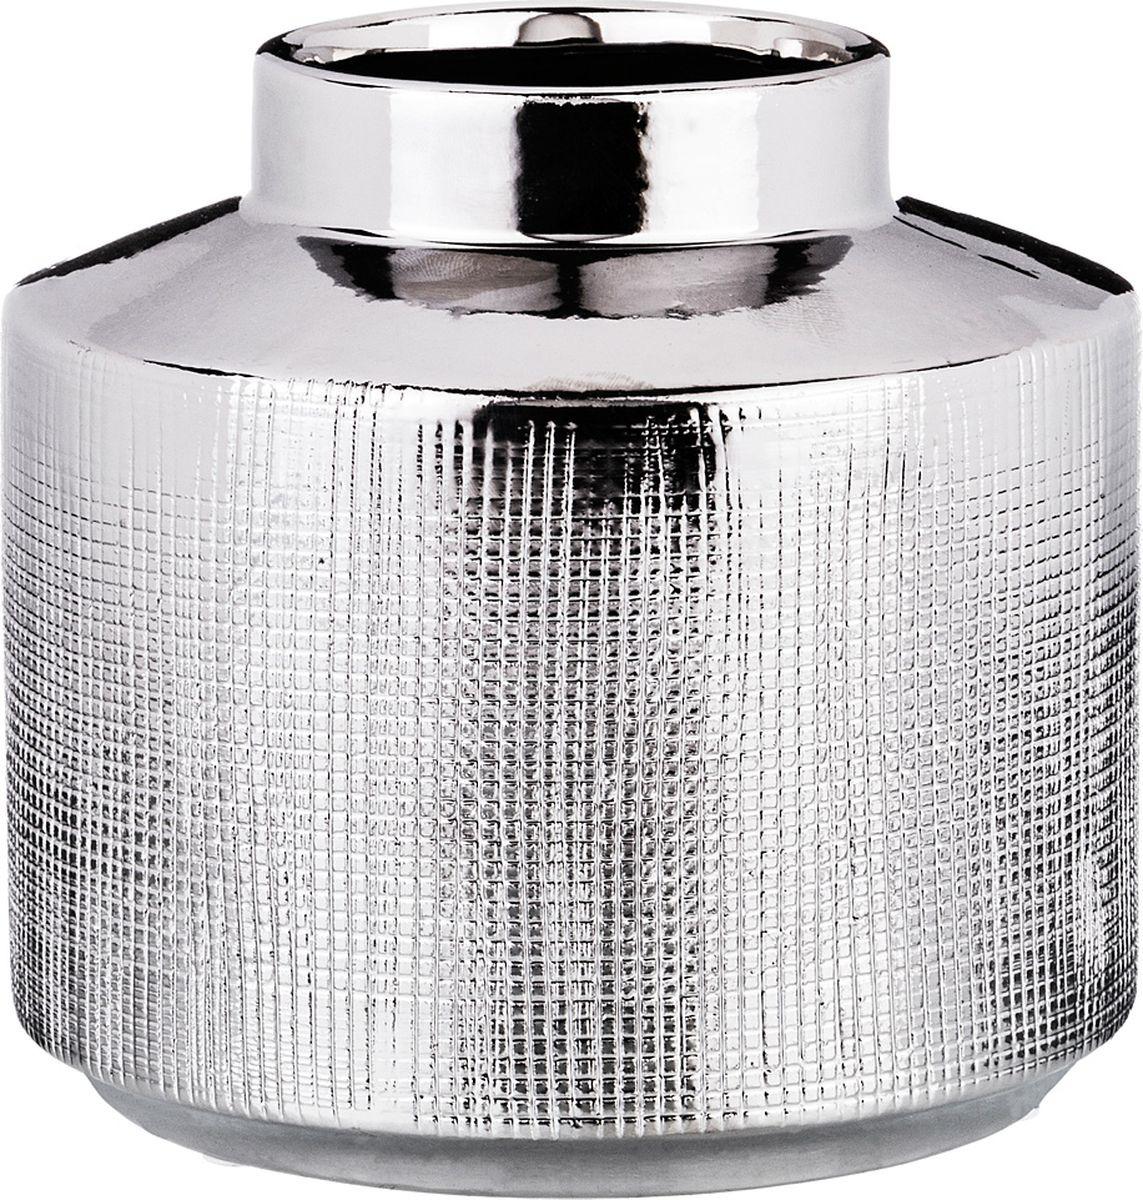 Ваза Lefard, цвет: серебристый, 13 х 13 х 12 см lefard ваза dikla 26 см